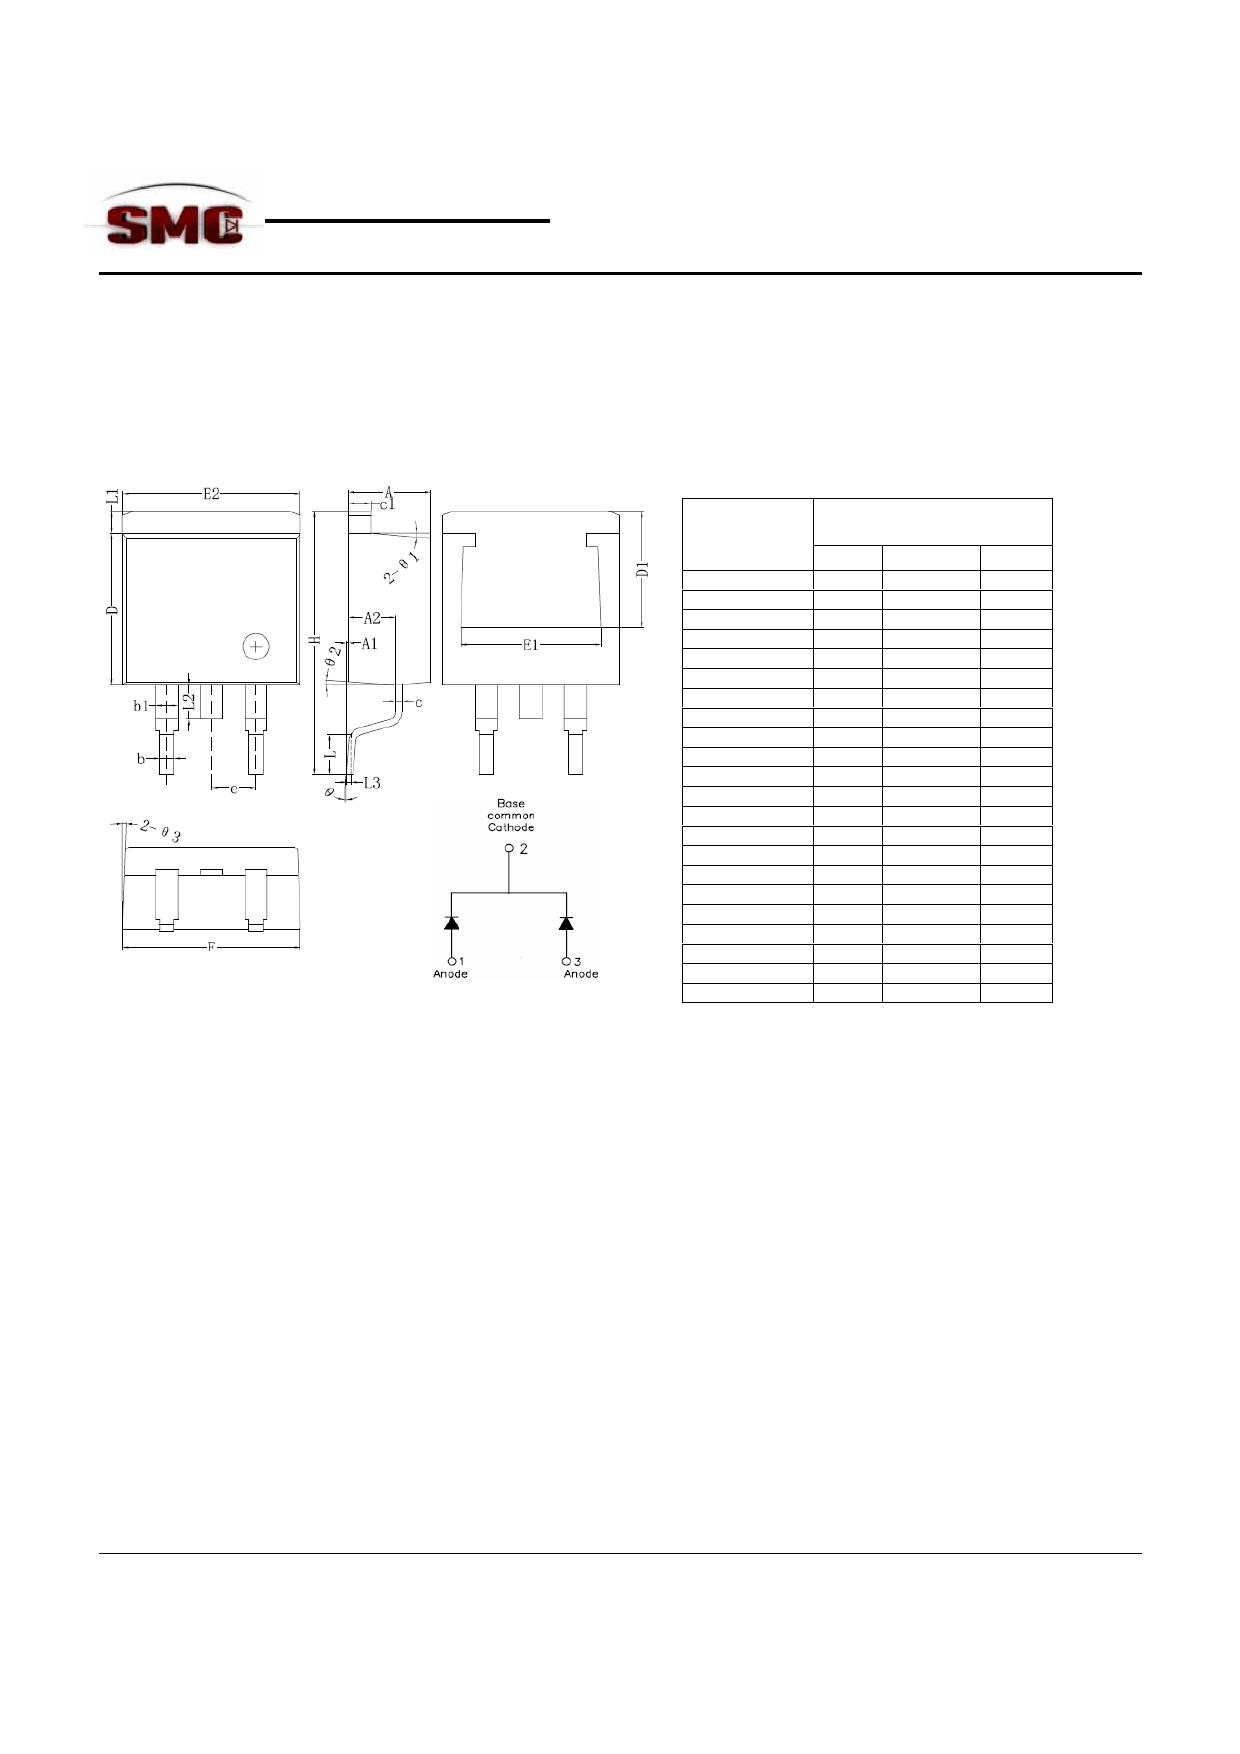 STD10150C pdf, schematic